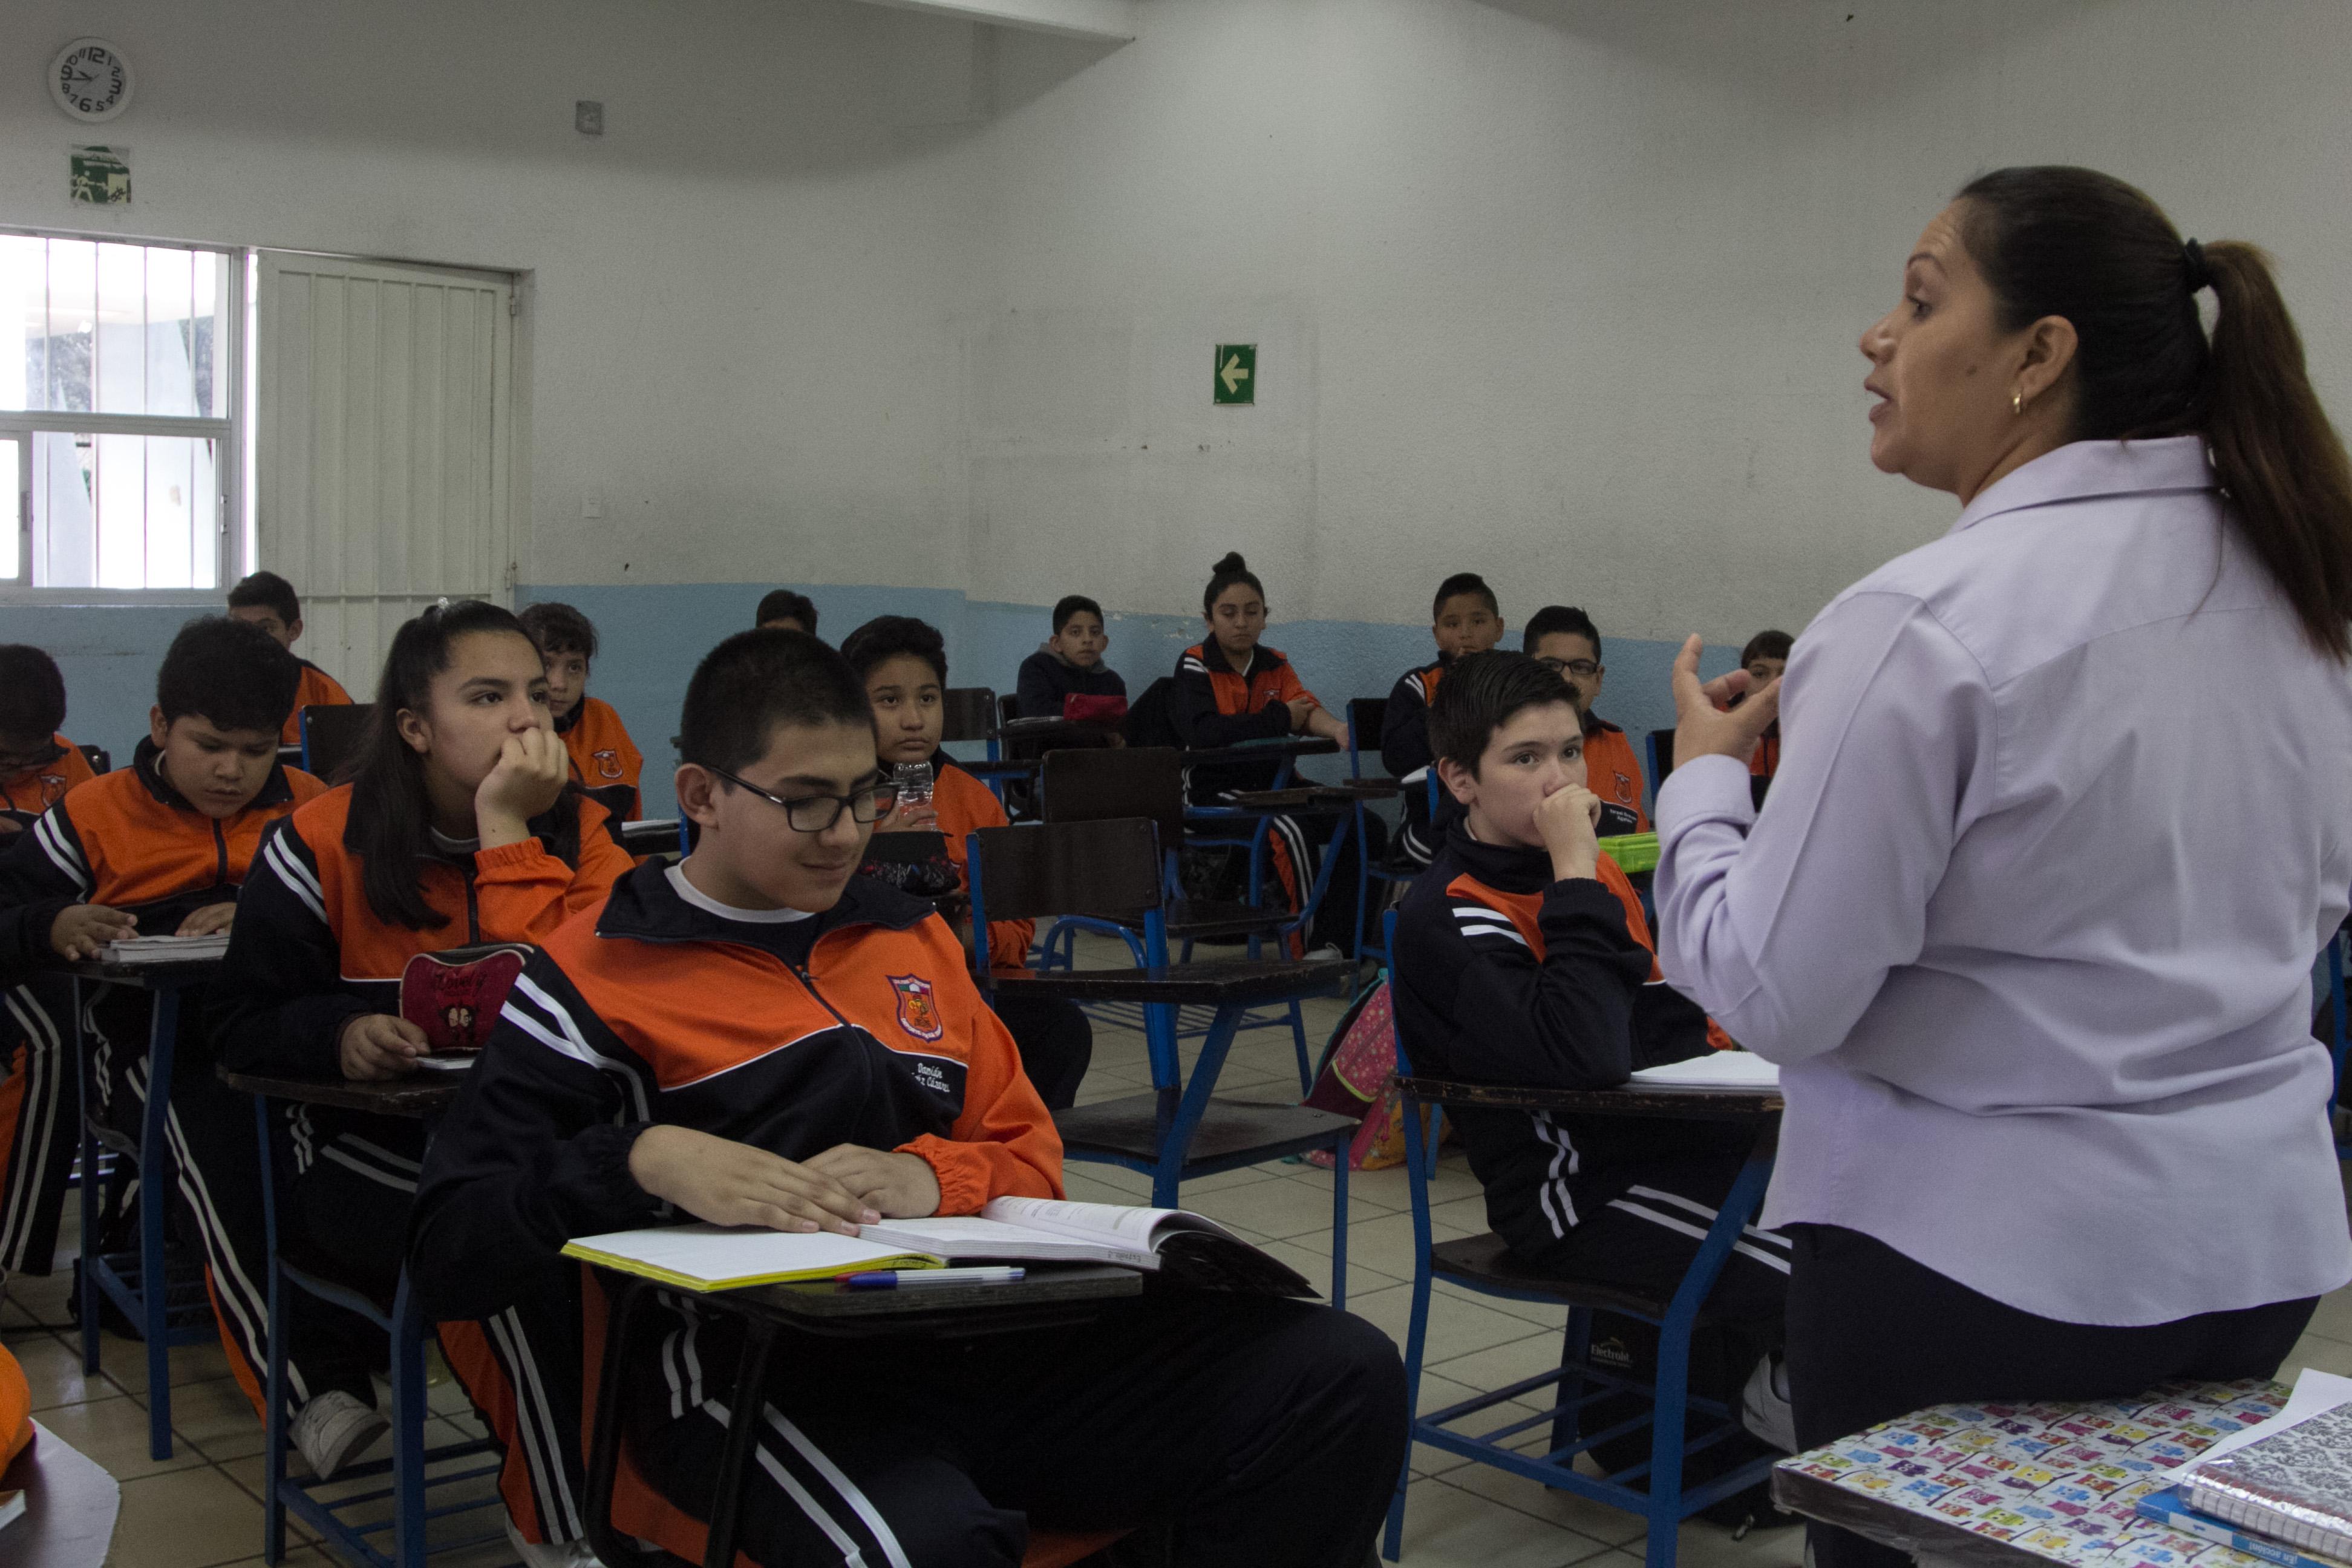 Levantan restricción para reanudar clases en Cuauhtémoc, Tlalpan y BJ